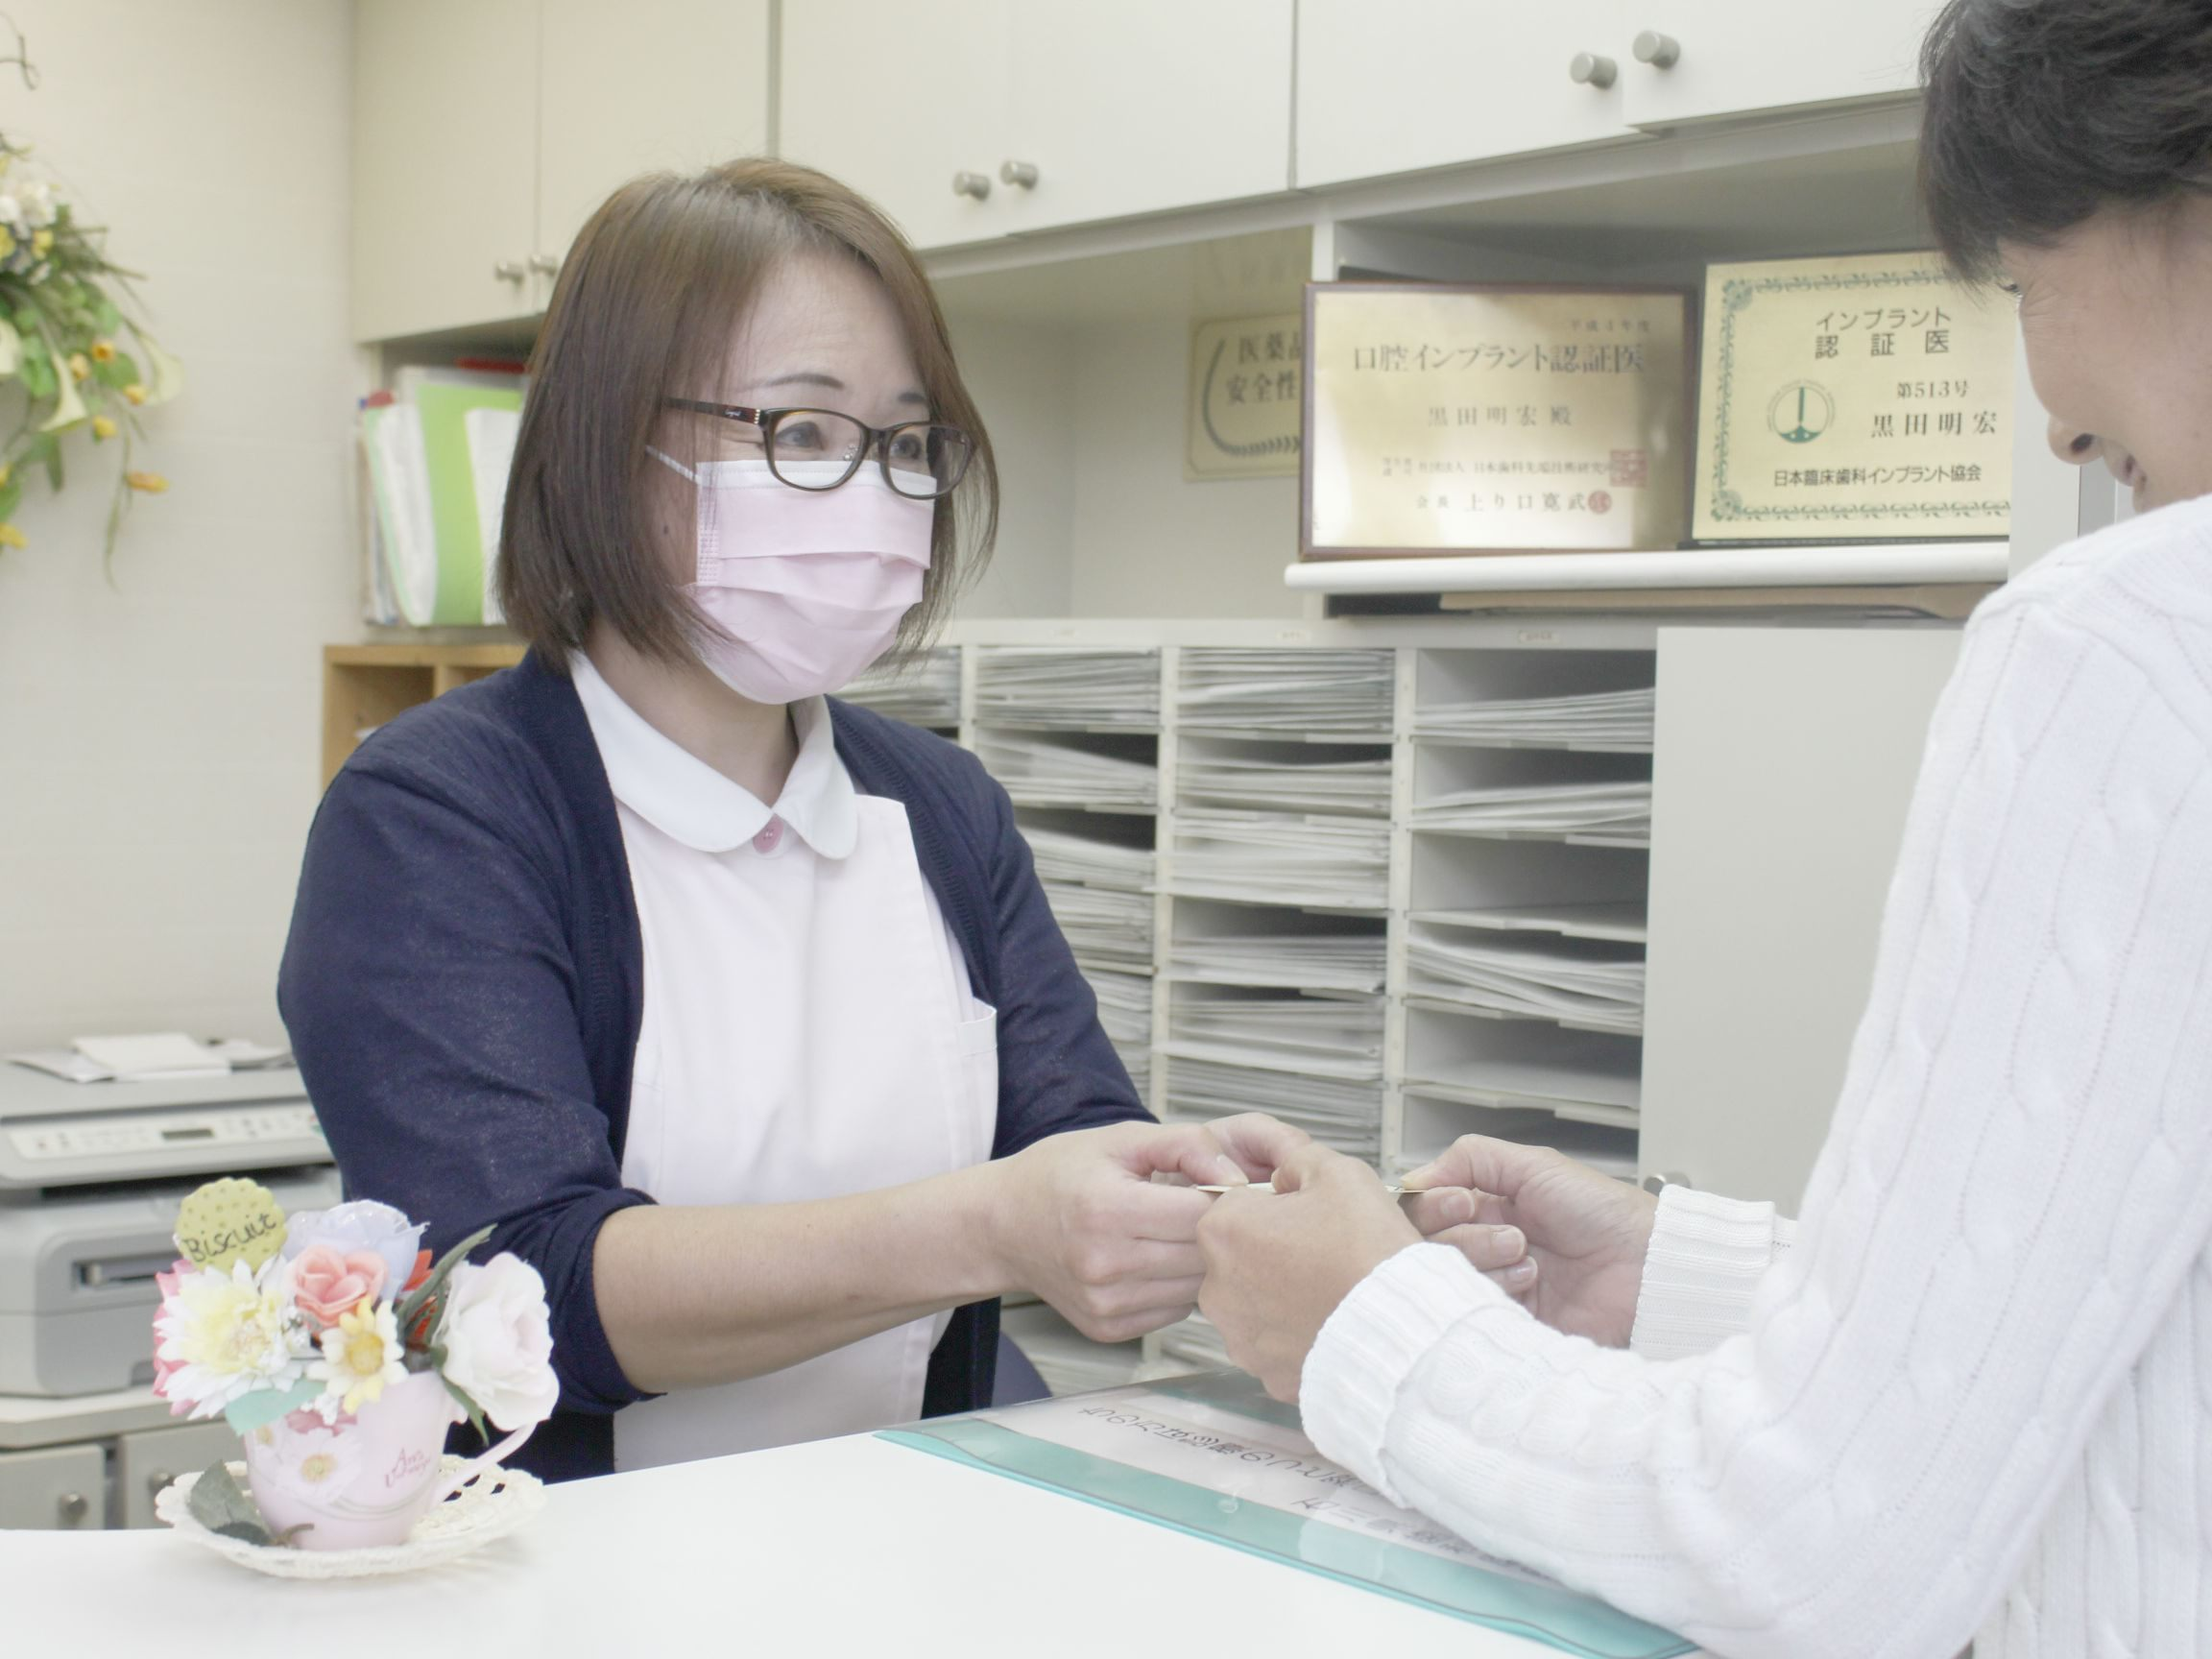 くろだ歯科医院